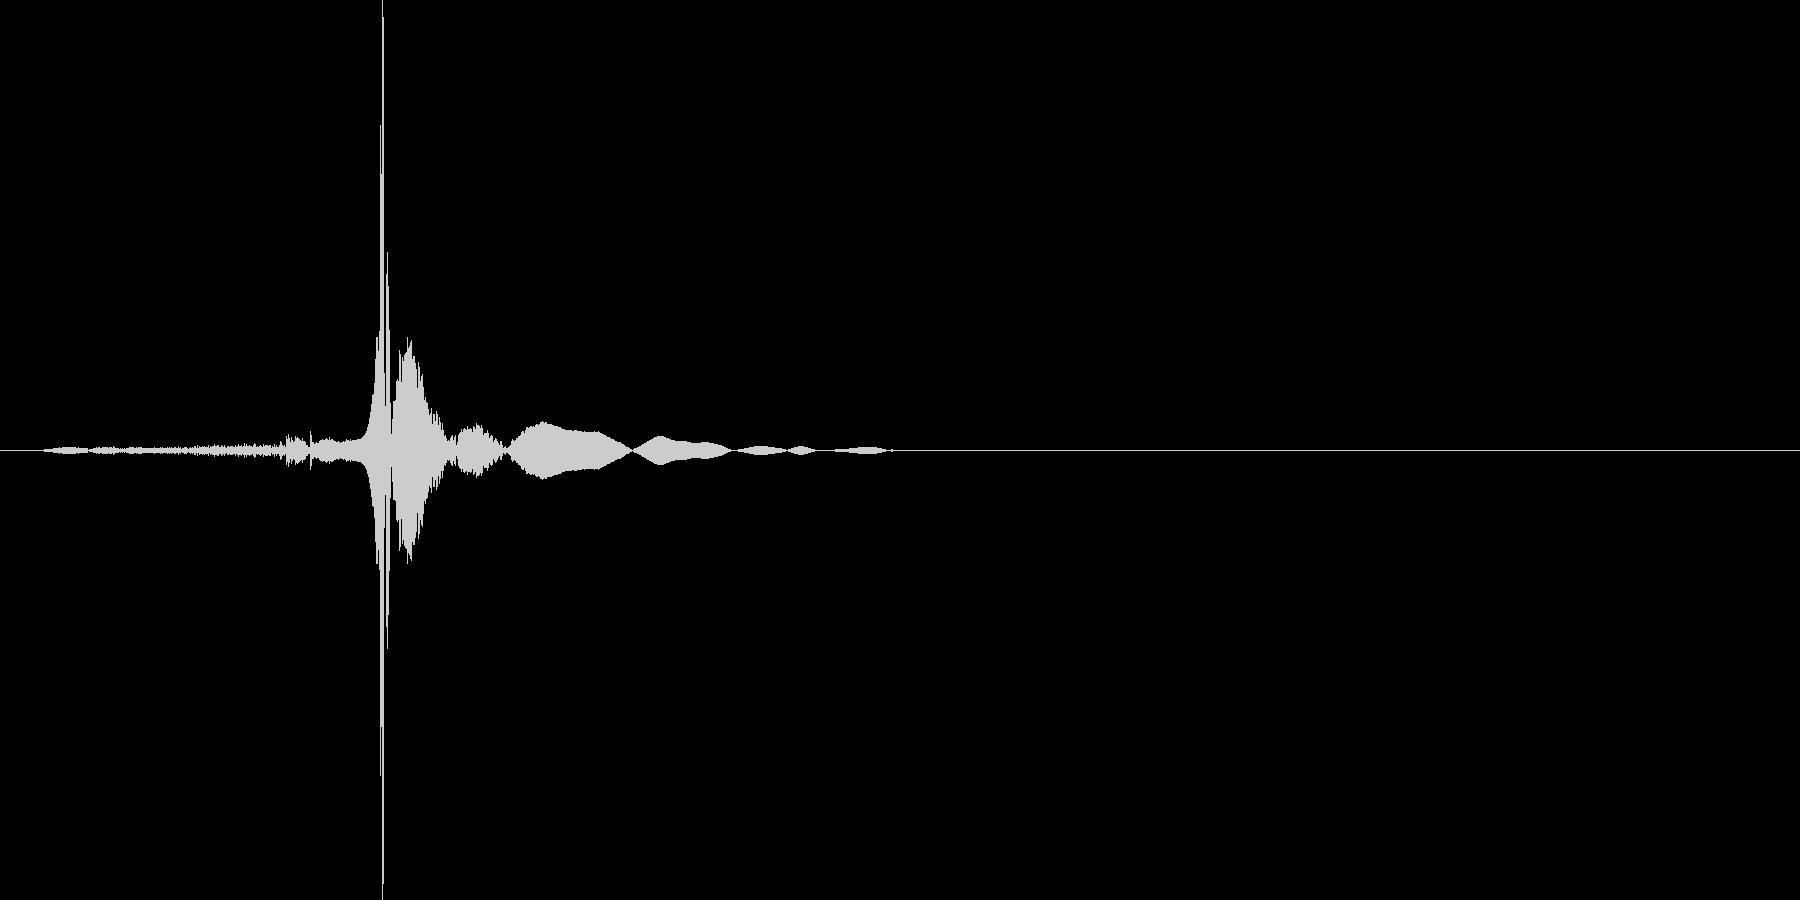 ぱたん(本が閉じる音)の未再生の波形